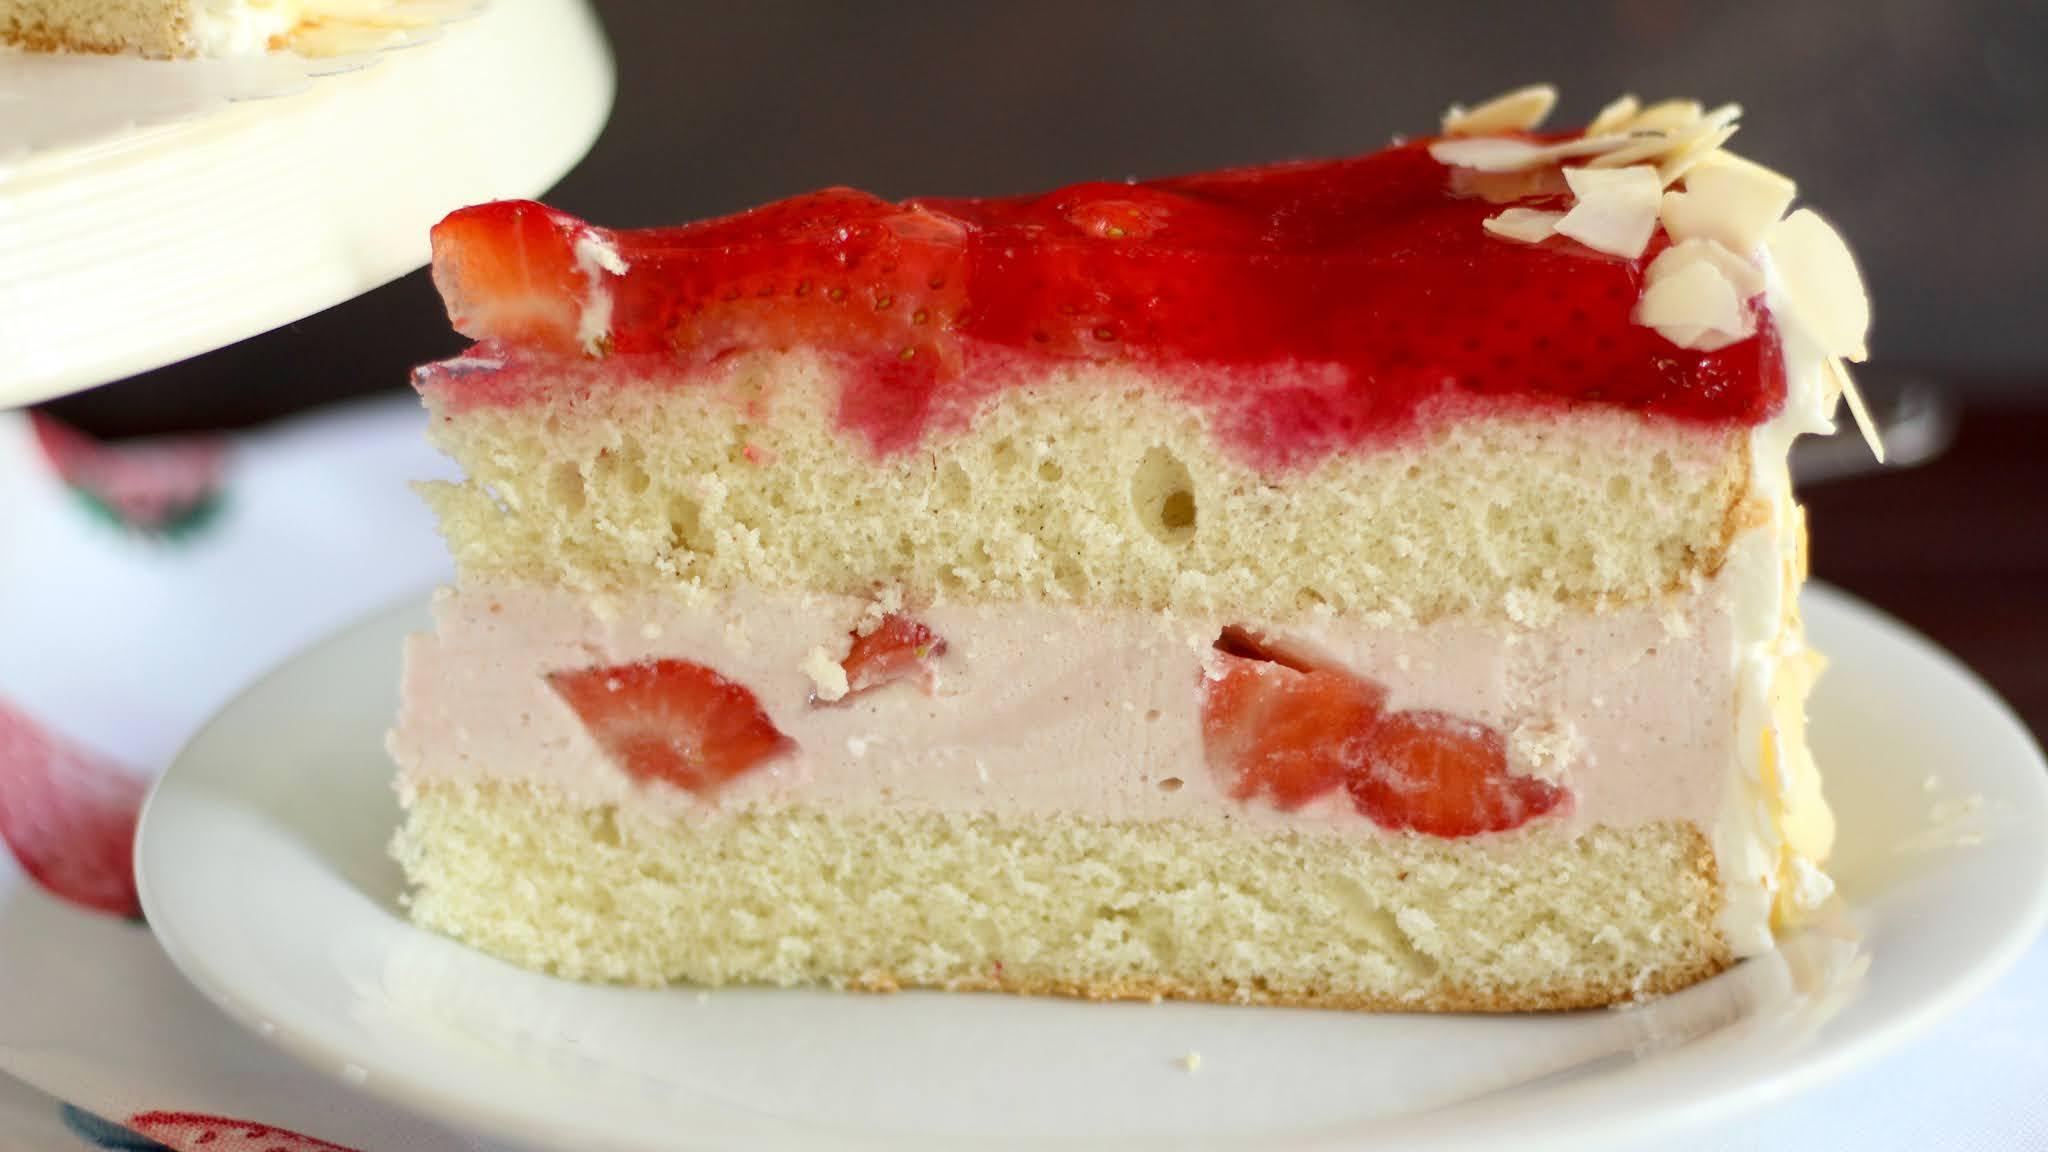 Die klassische Erdbeertorte wie vom Konditor selber backen! Wunderschöne Muttertagstorte | Rezept und Video von Sugarprincess